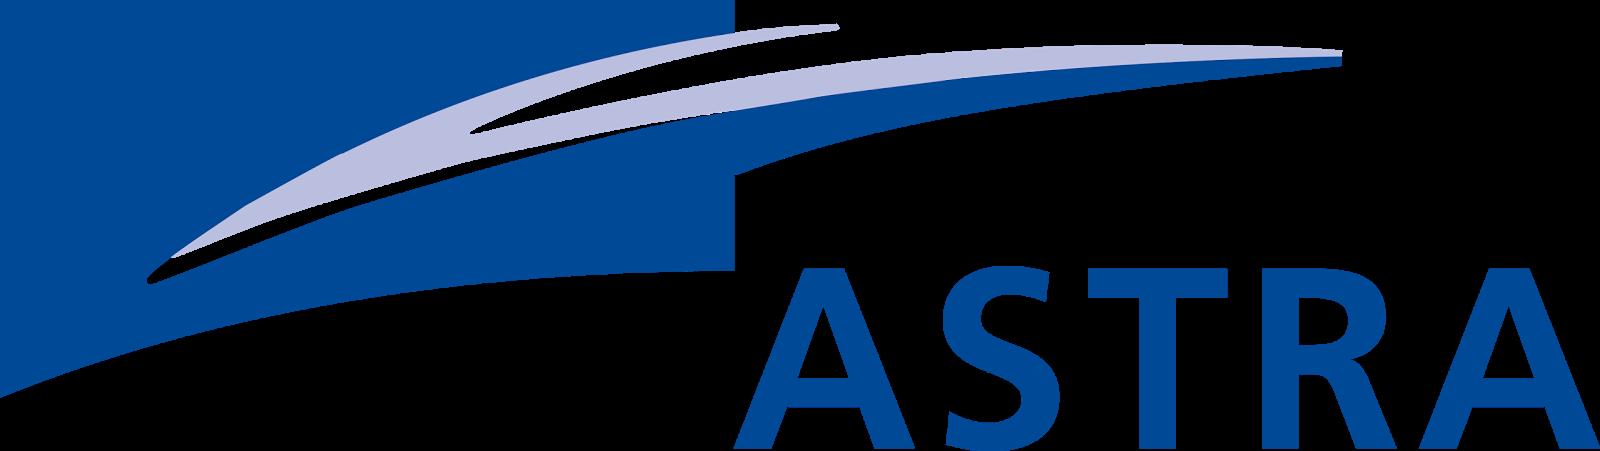 Daftar Lowongan Kerja Resmi Via Email PT Astra